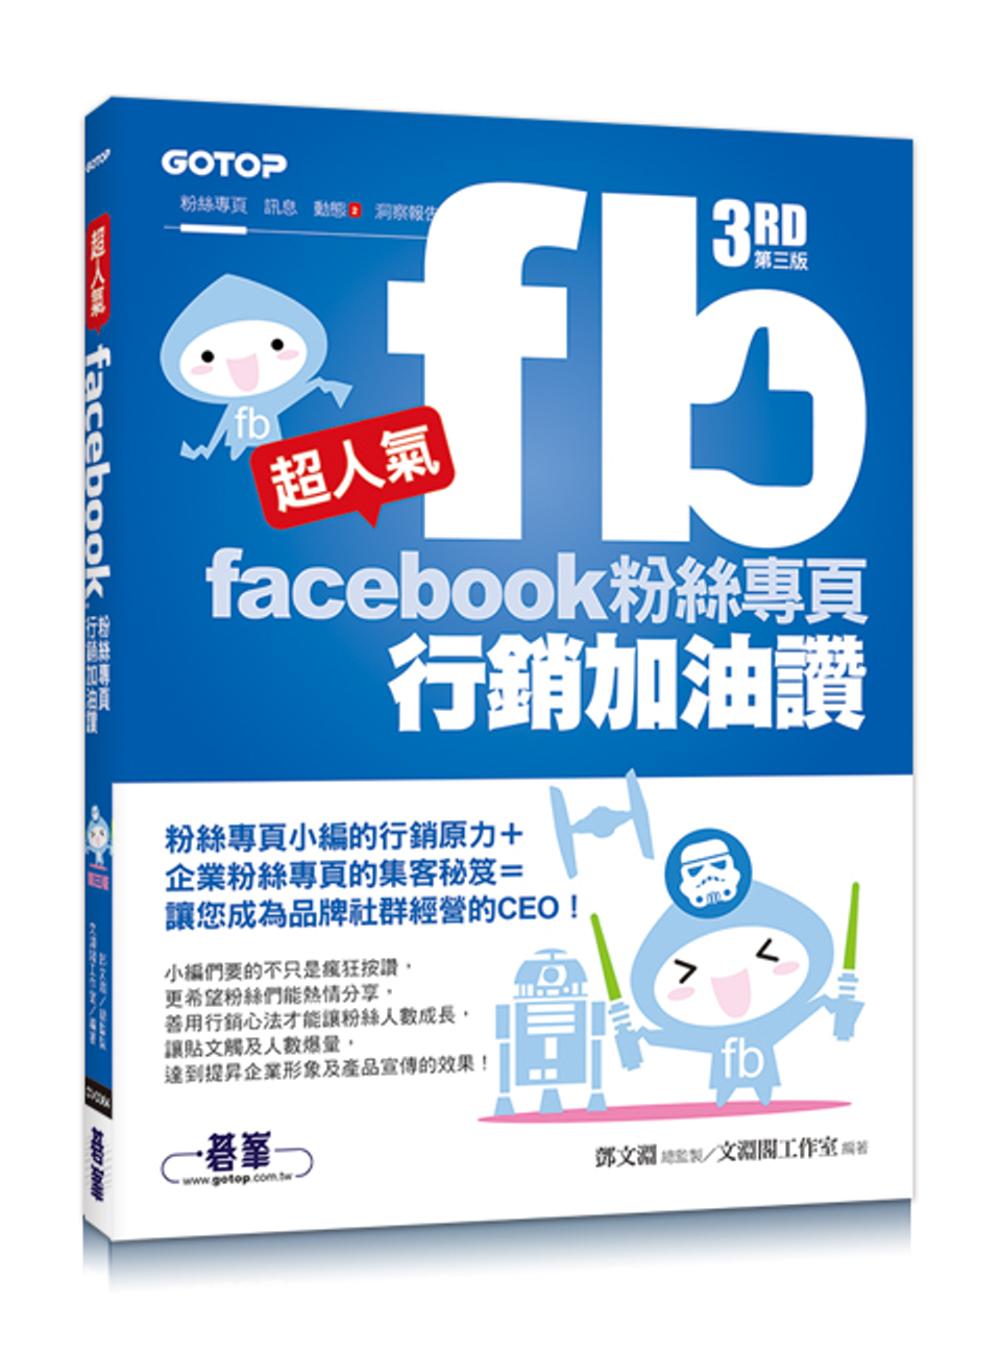 超人氣Facebook粉絲專頁行銷加油讚 (第三版) - 粉絲專頁小編的行銷原力 + 企業粉絲專頁的集客秘笈 = 讓您成為品牌社群經營的 CEO!